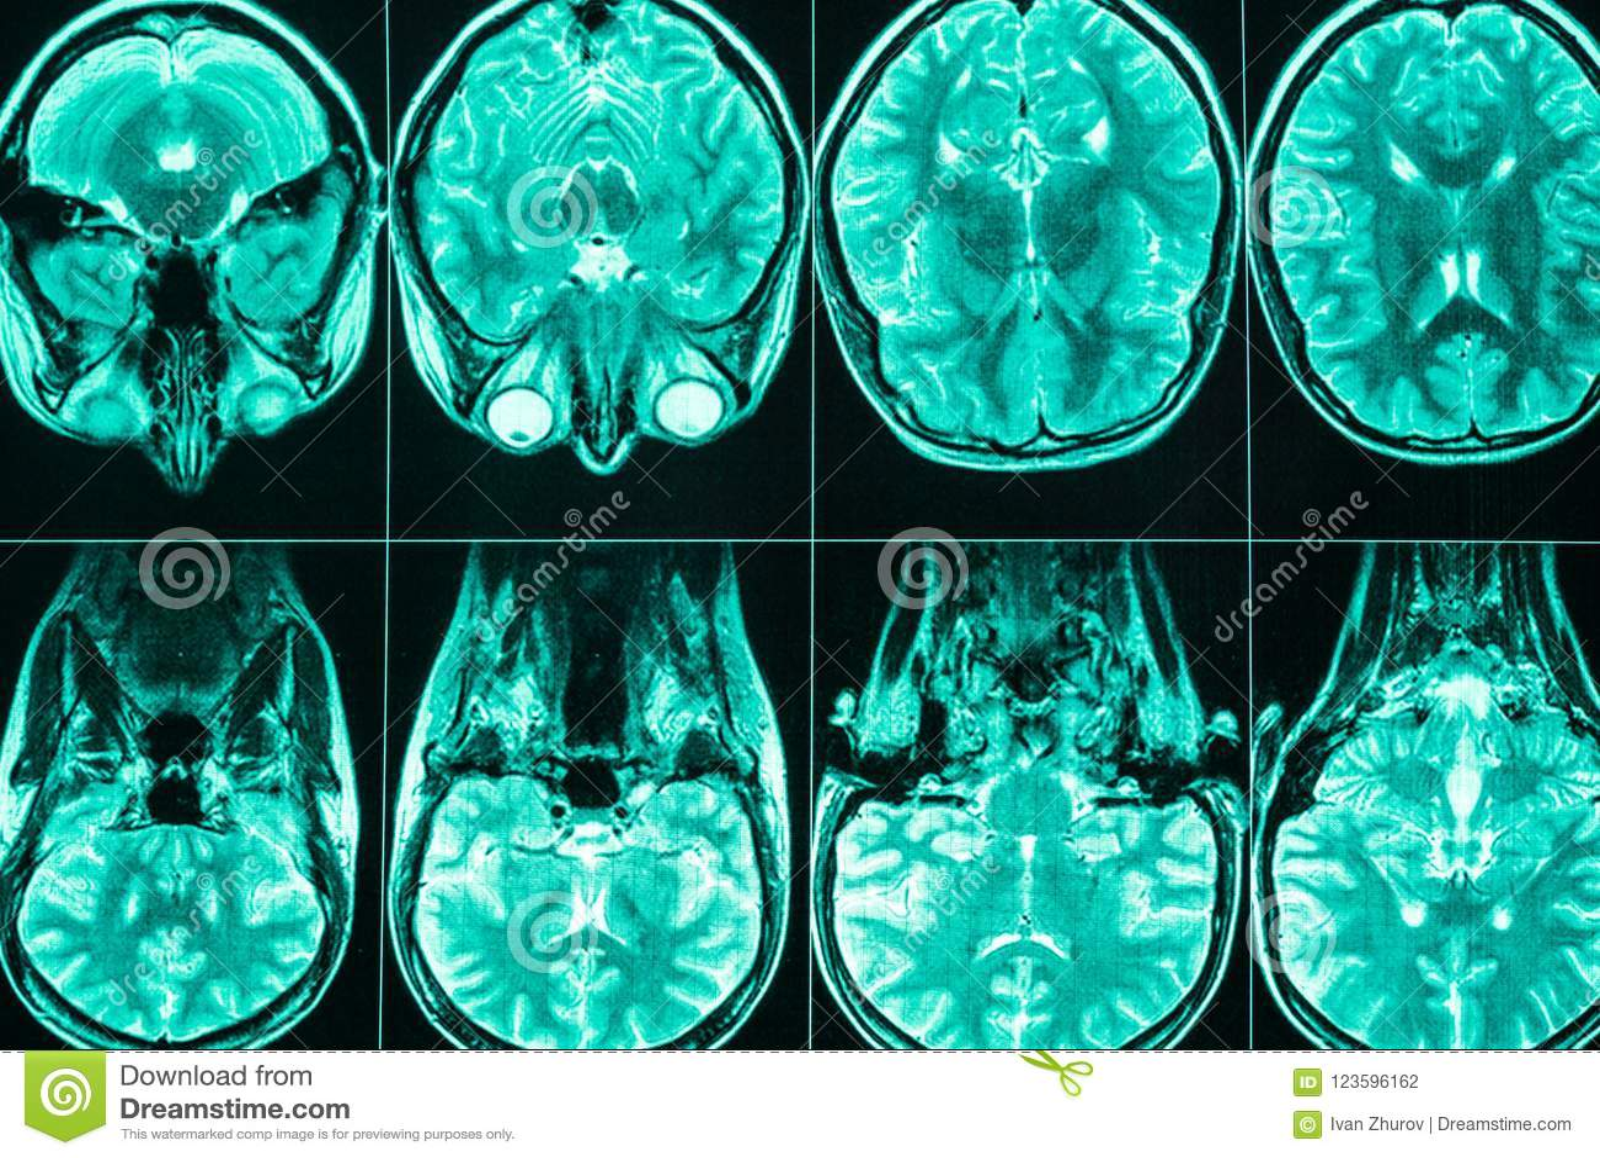 Exploración De MRI De La Cabeza Y Del Cerebro De Una Persona Foto de ...